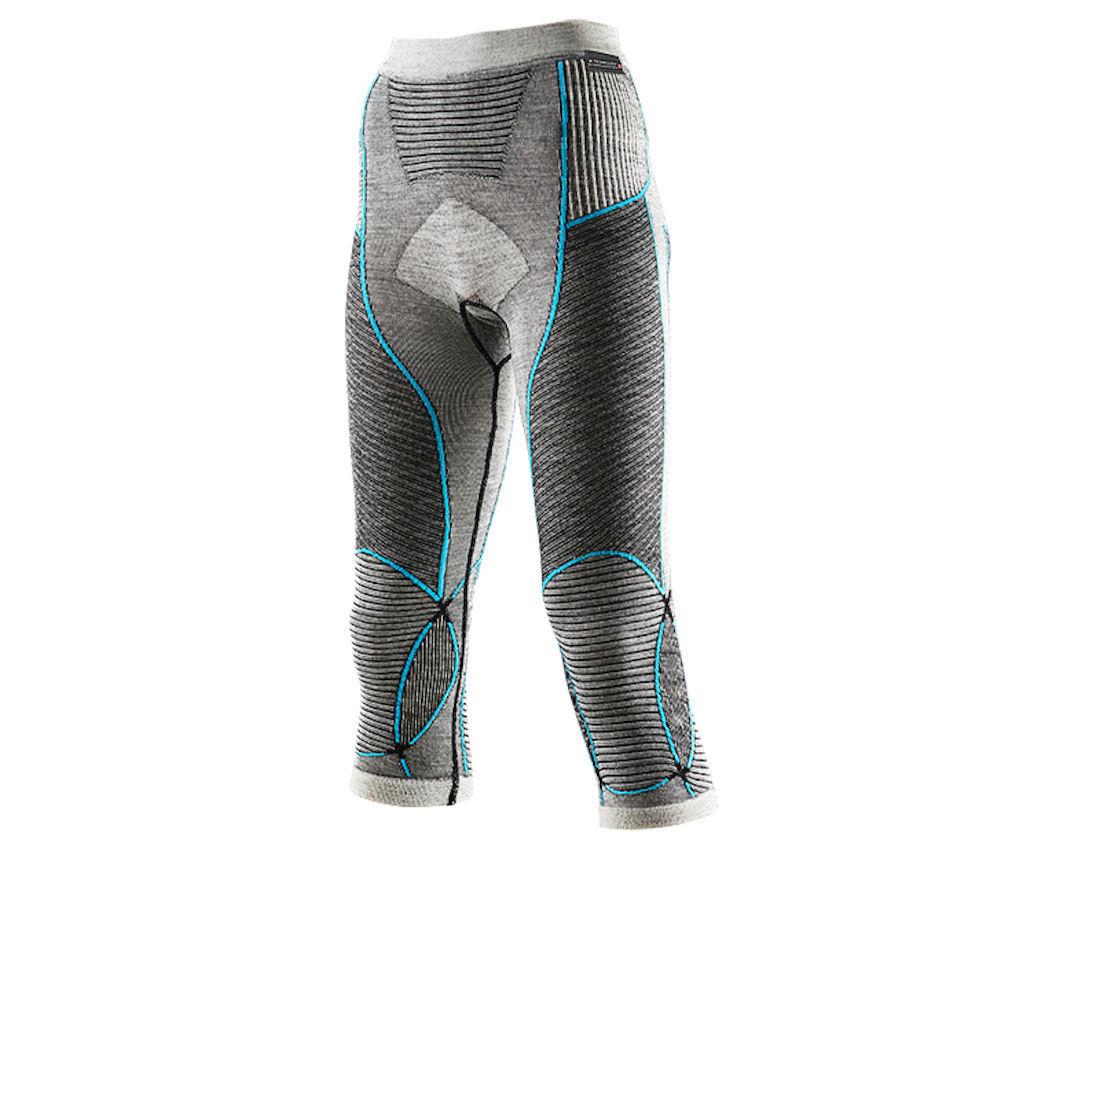 X-bionic Apani Mérinos Femme Sous-VêteHommests 3 4 Pantalon de Fonction Halbla